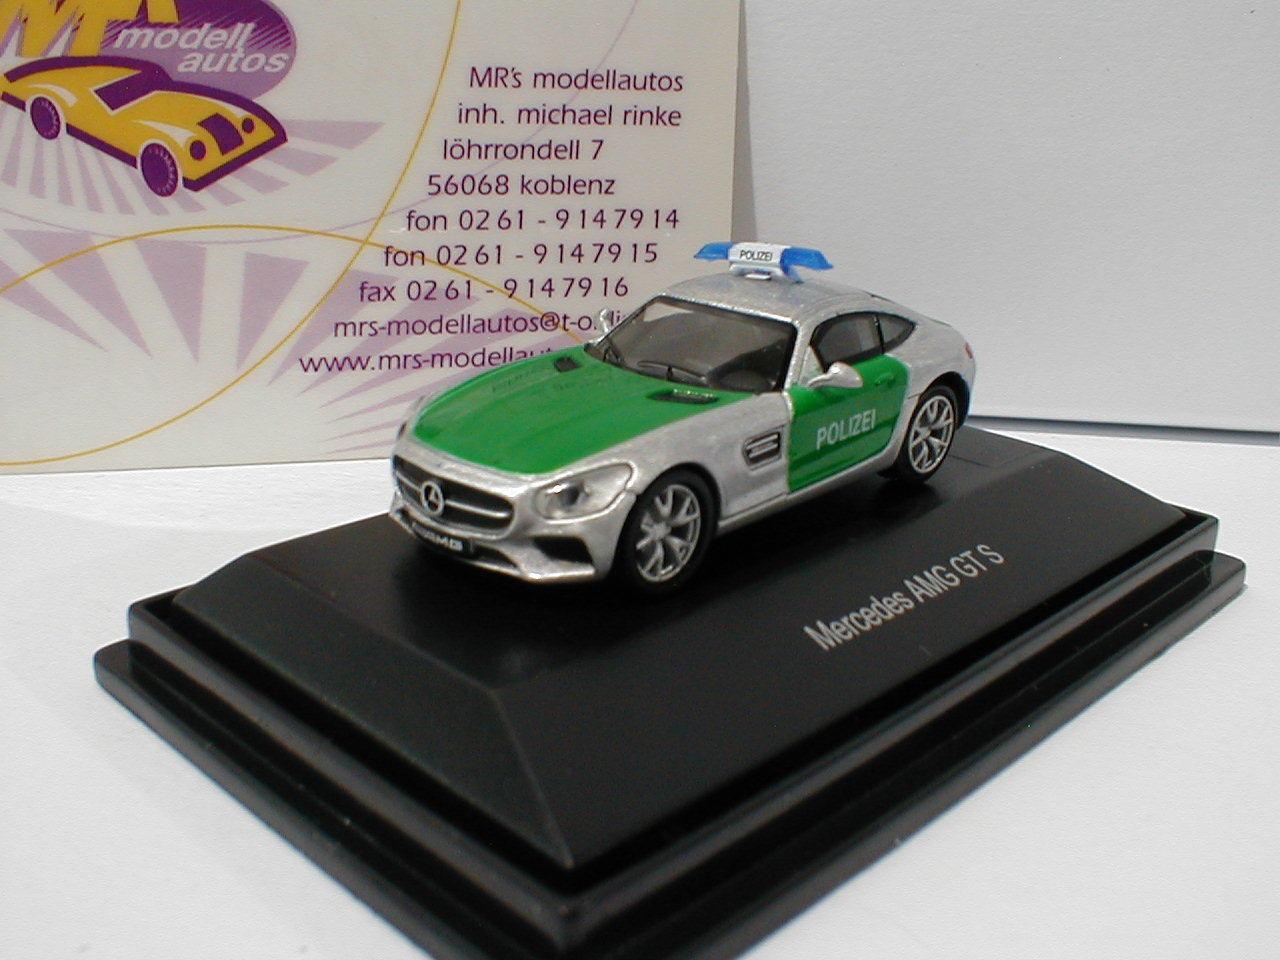 Schuco 26284-MERCEDES-BENZ AMG AMG AMG GT S POLIZIA IN